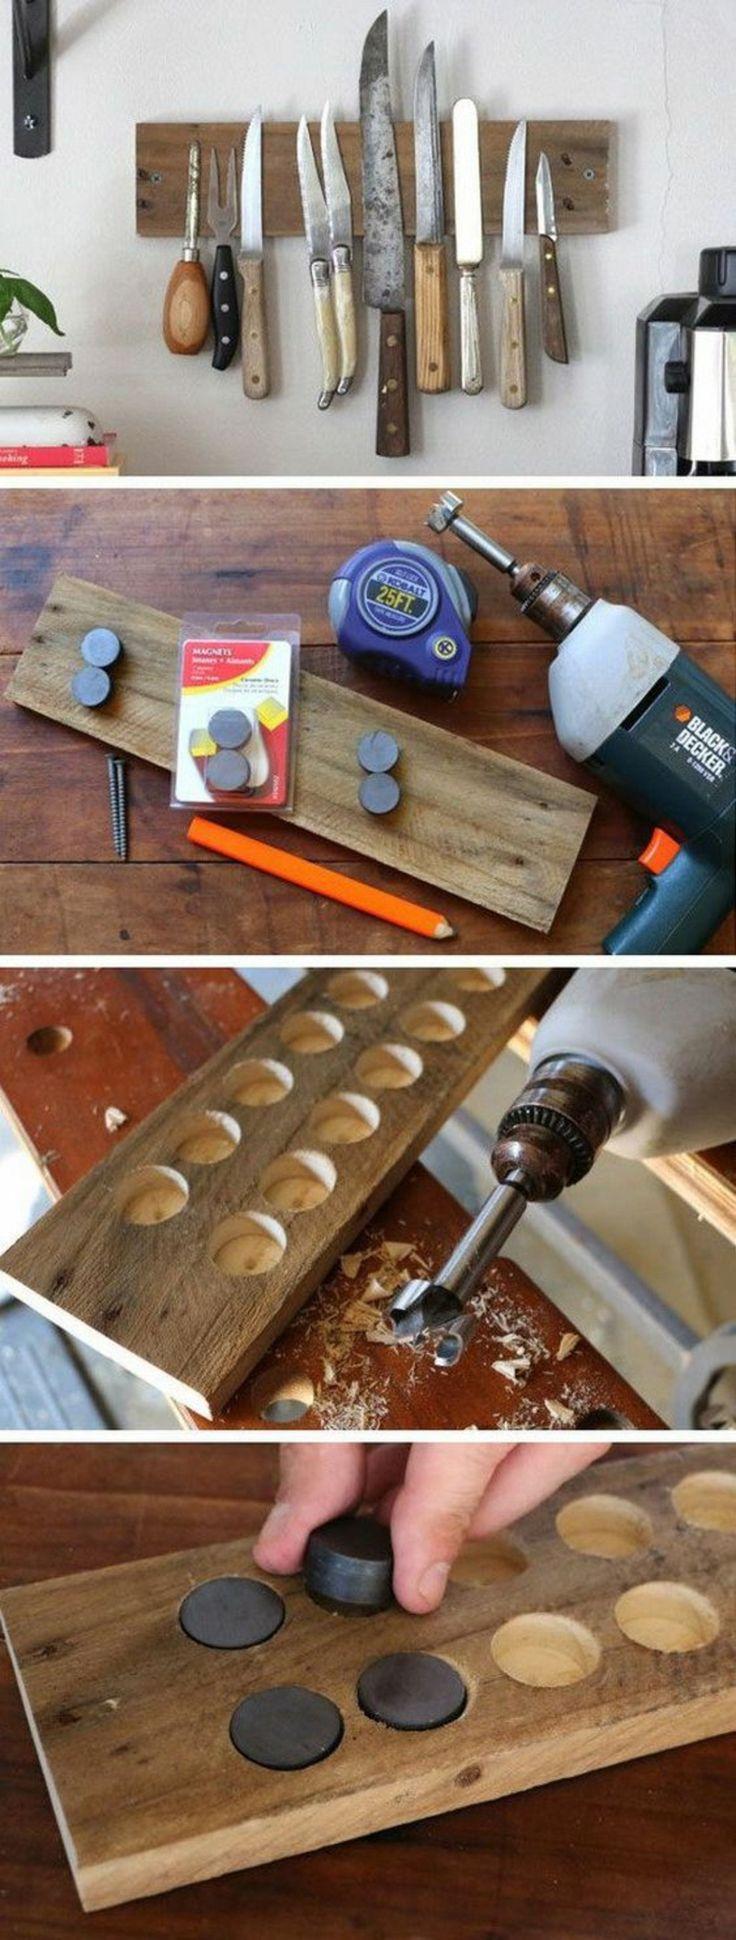 DIY Magnetstreifen für Messer – Anleitung in Bildern   – Handwerkern